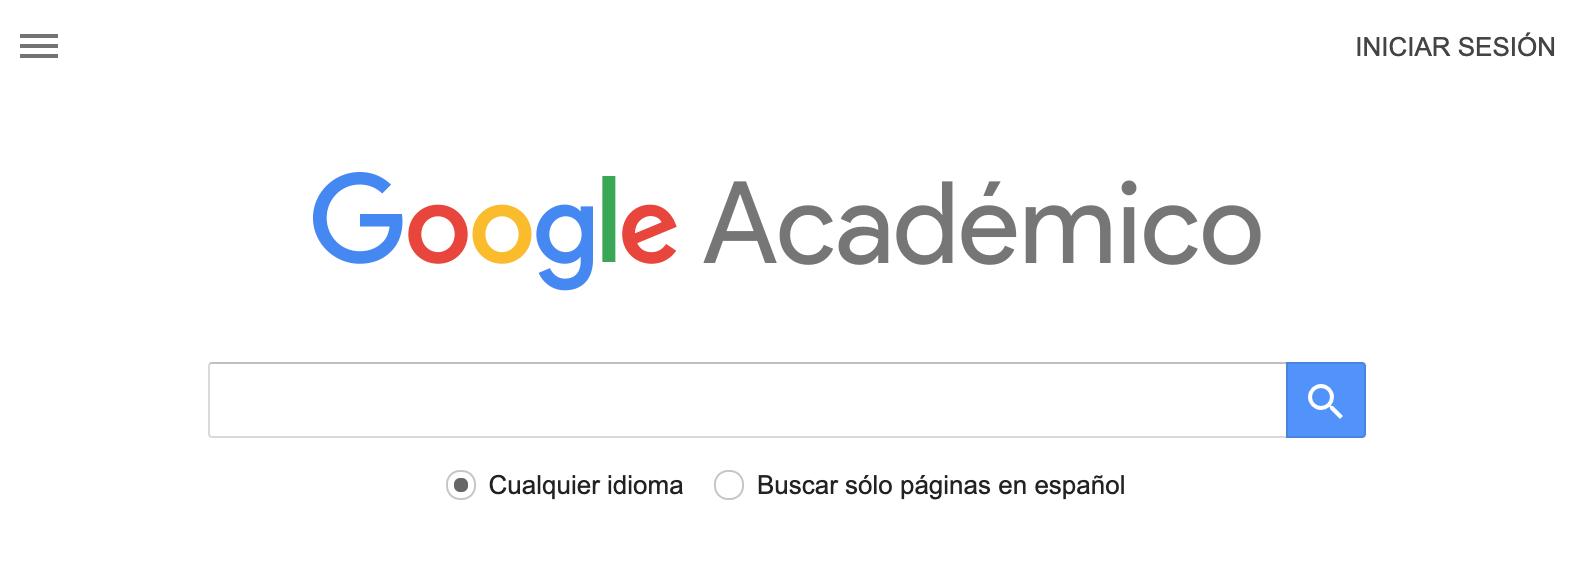 Buscadores de internet más utilizados, Google Académico